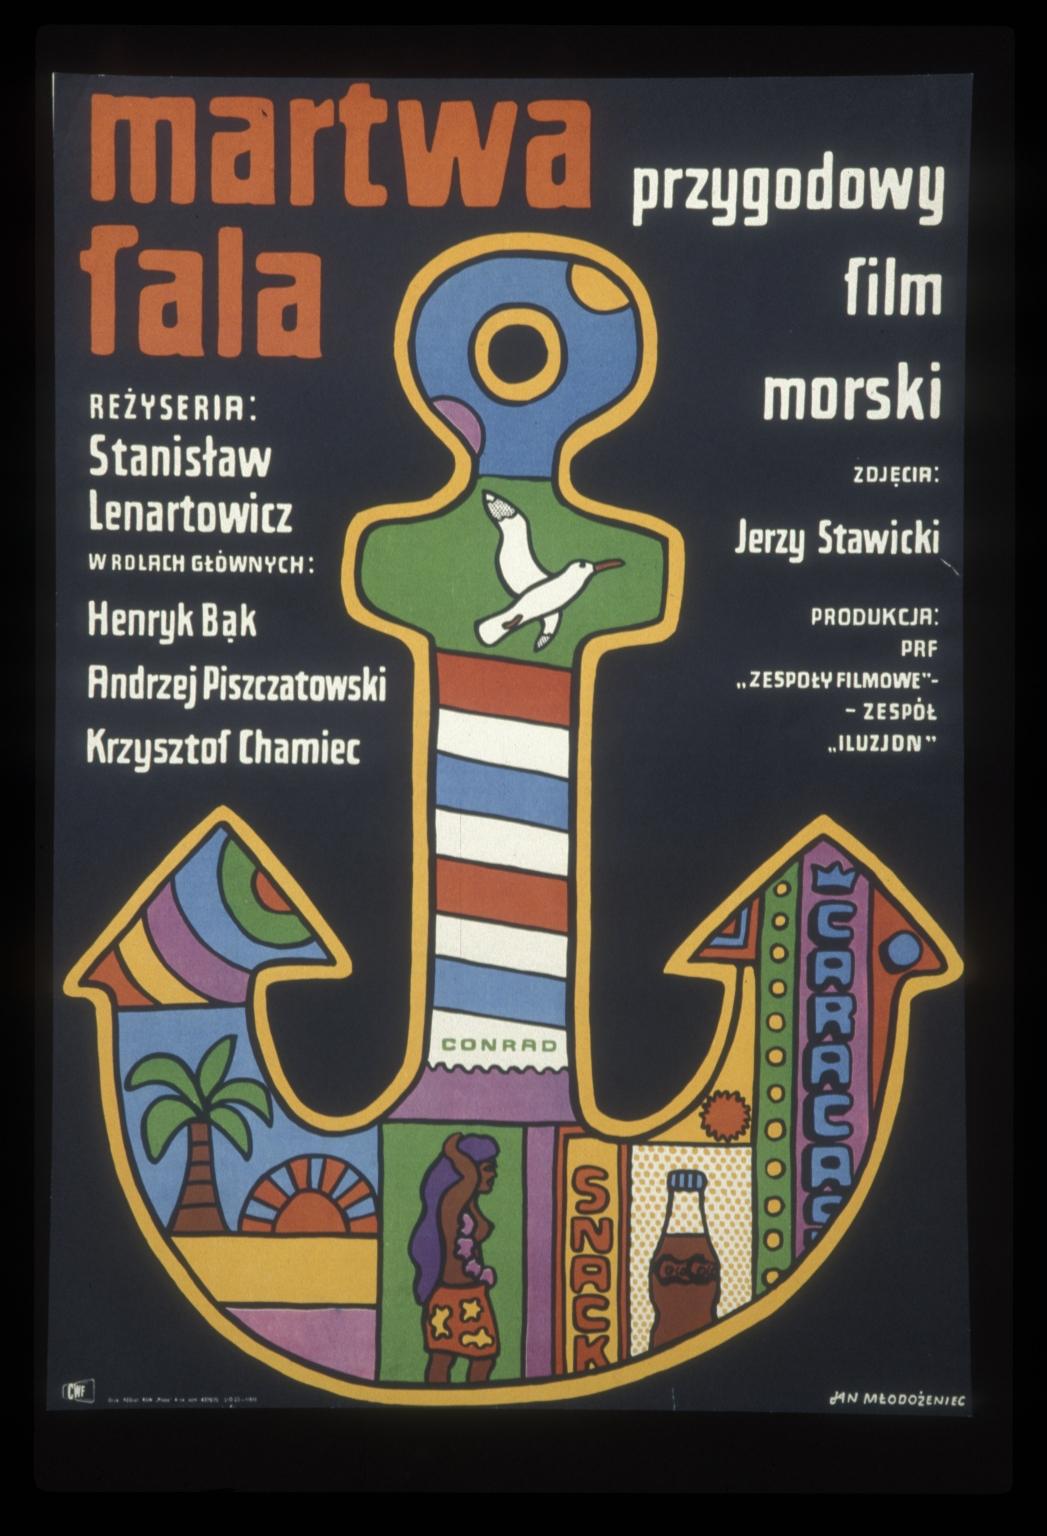 Martwa fala: przygodowy film morski